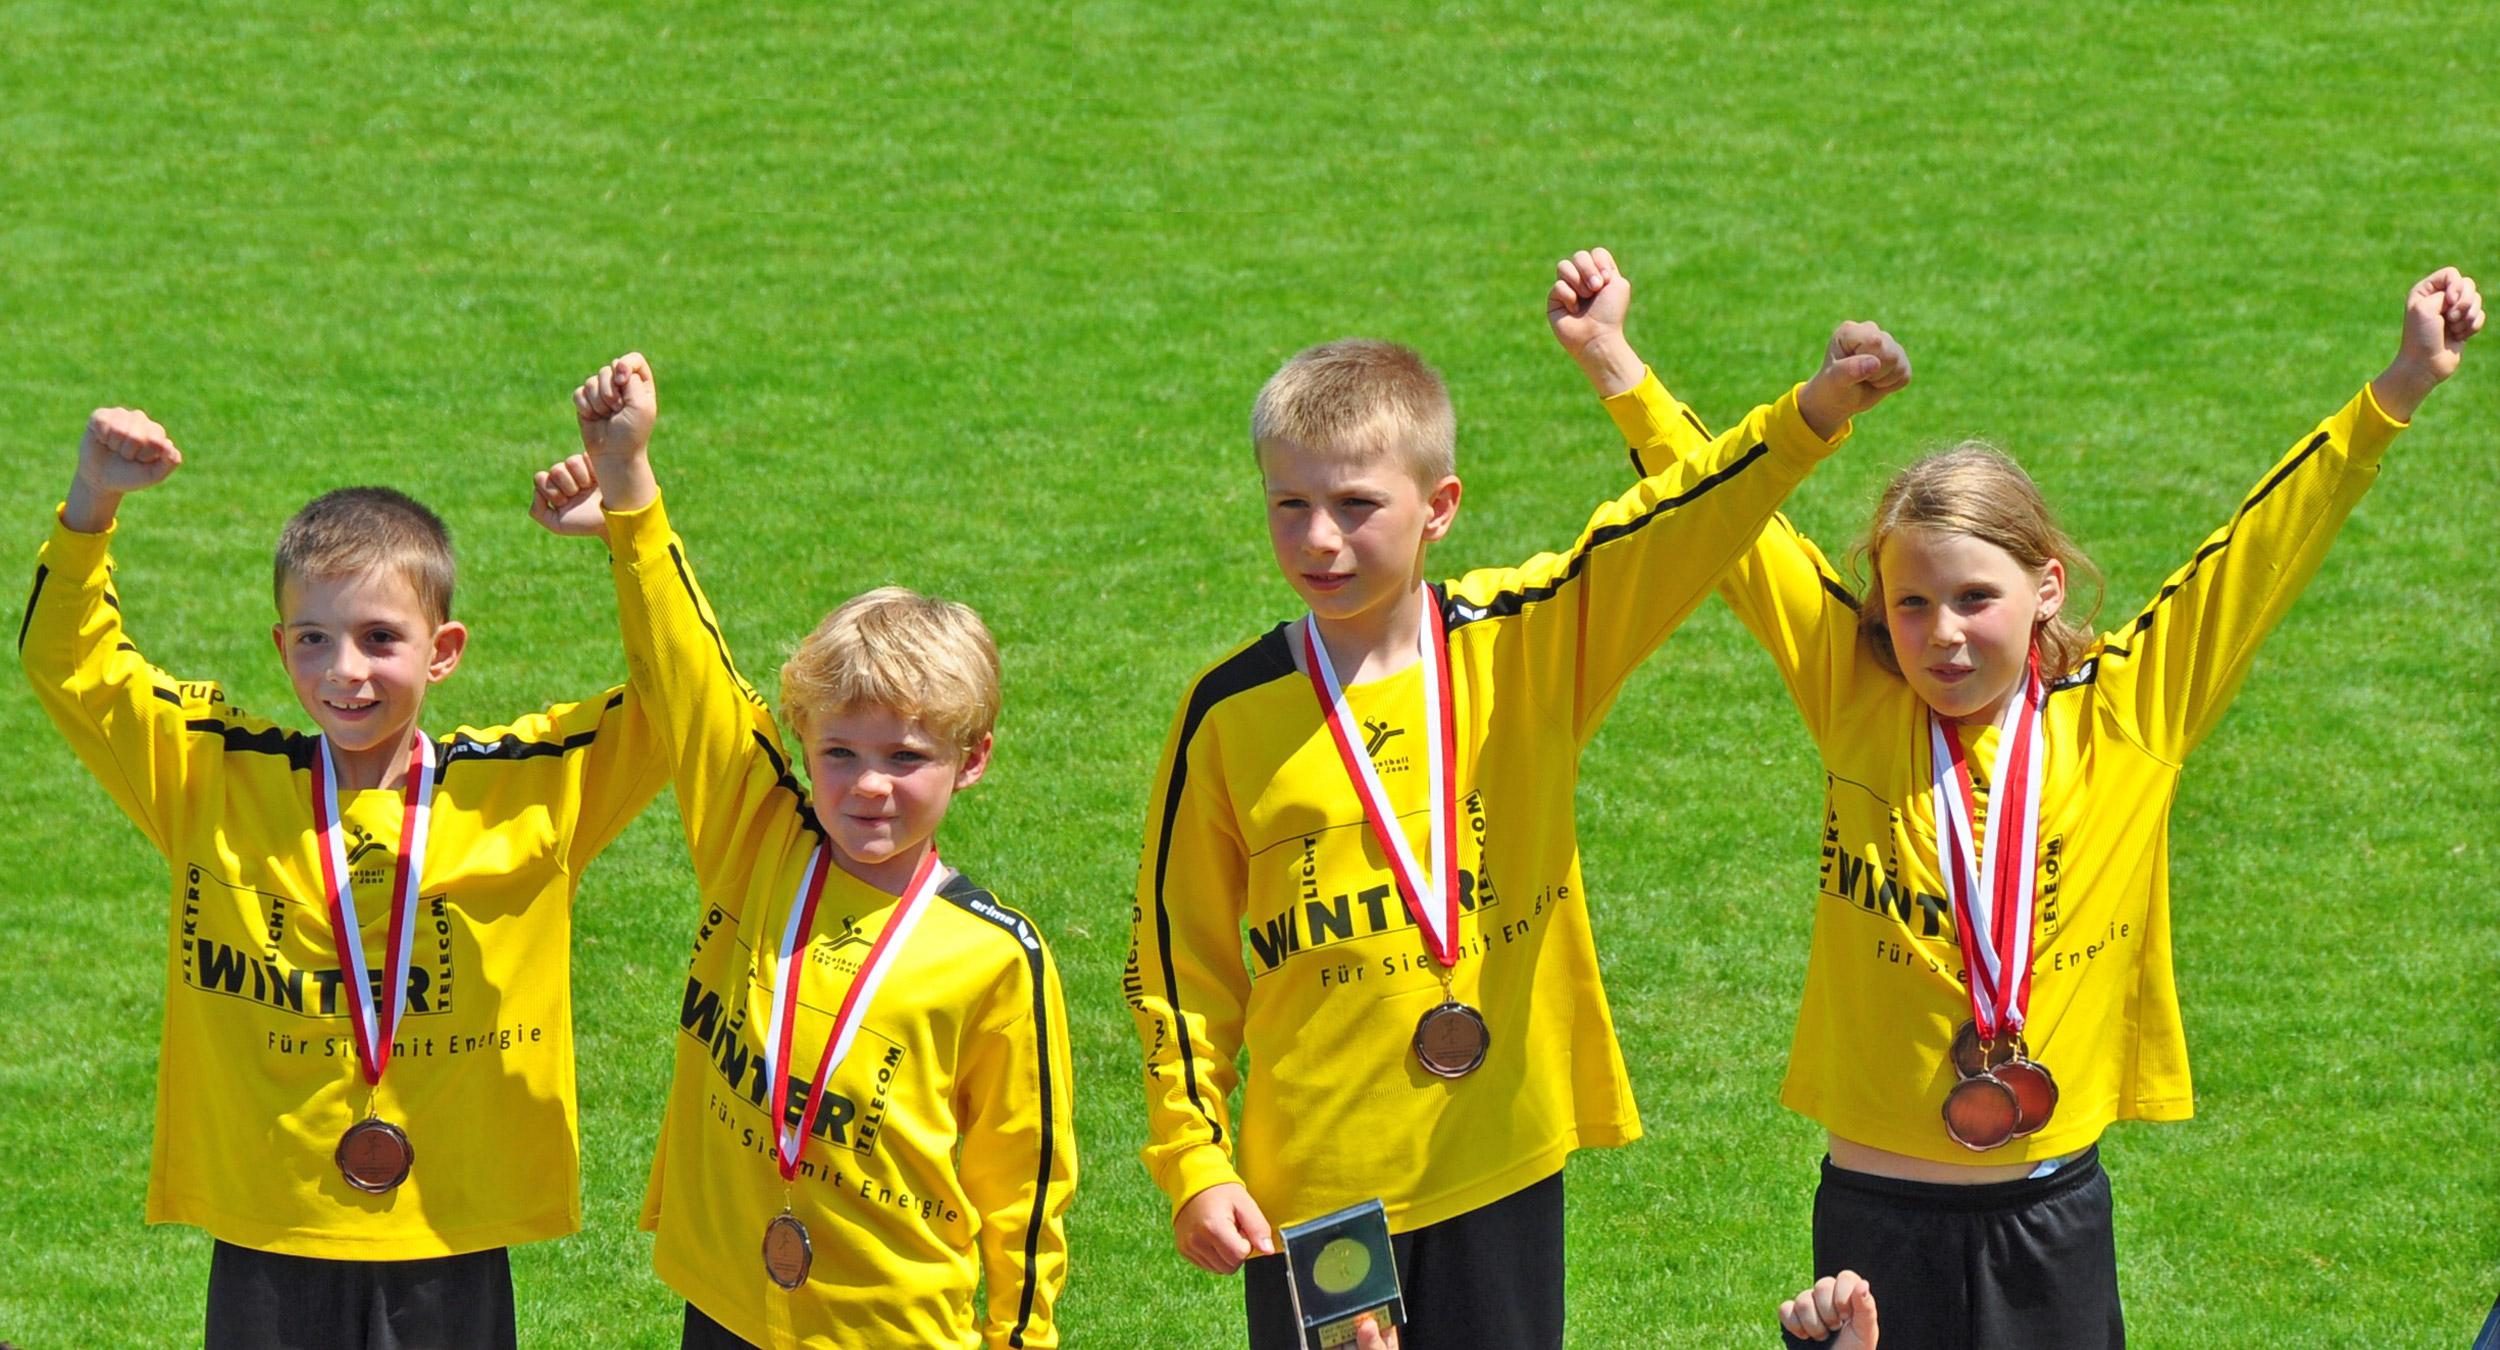 Sporttricots Ausleihen Rapperswil